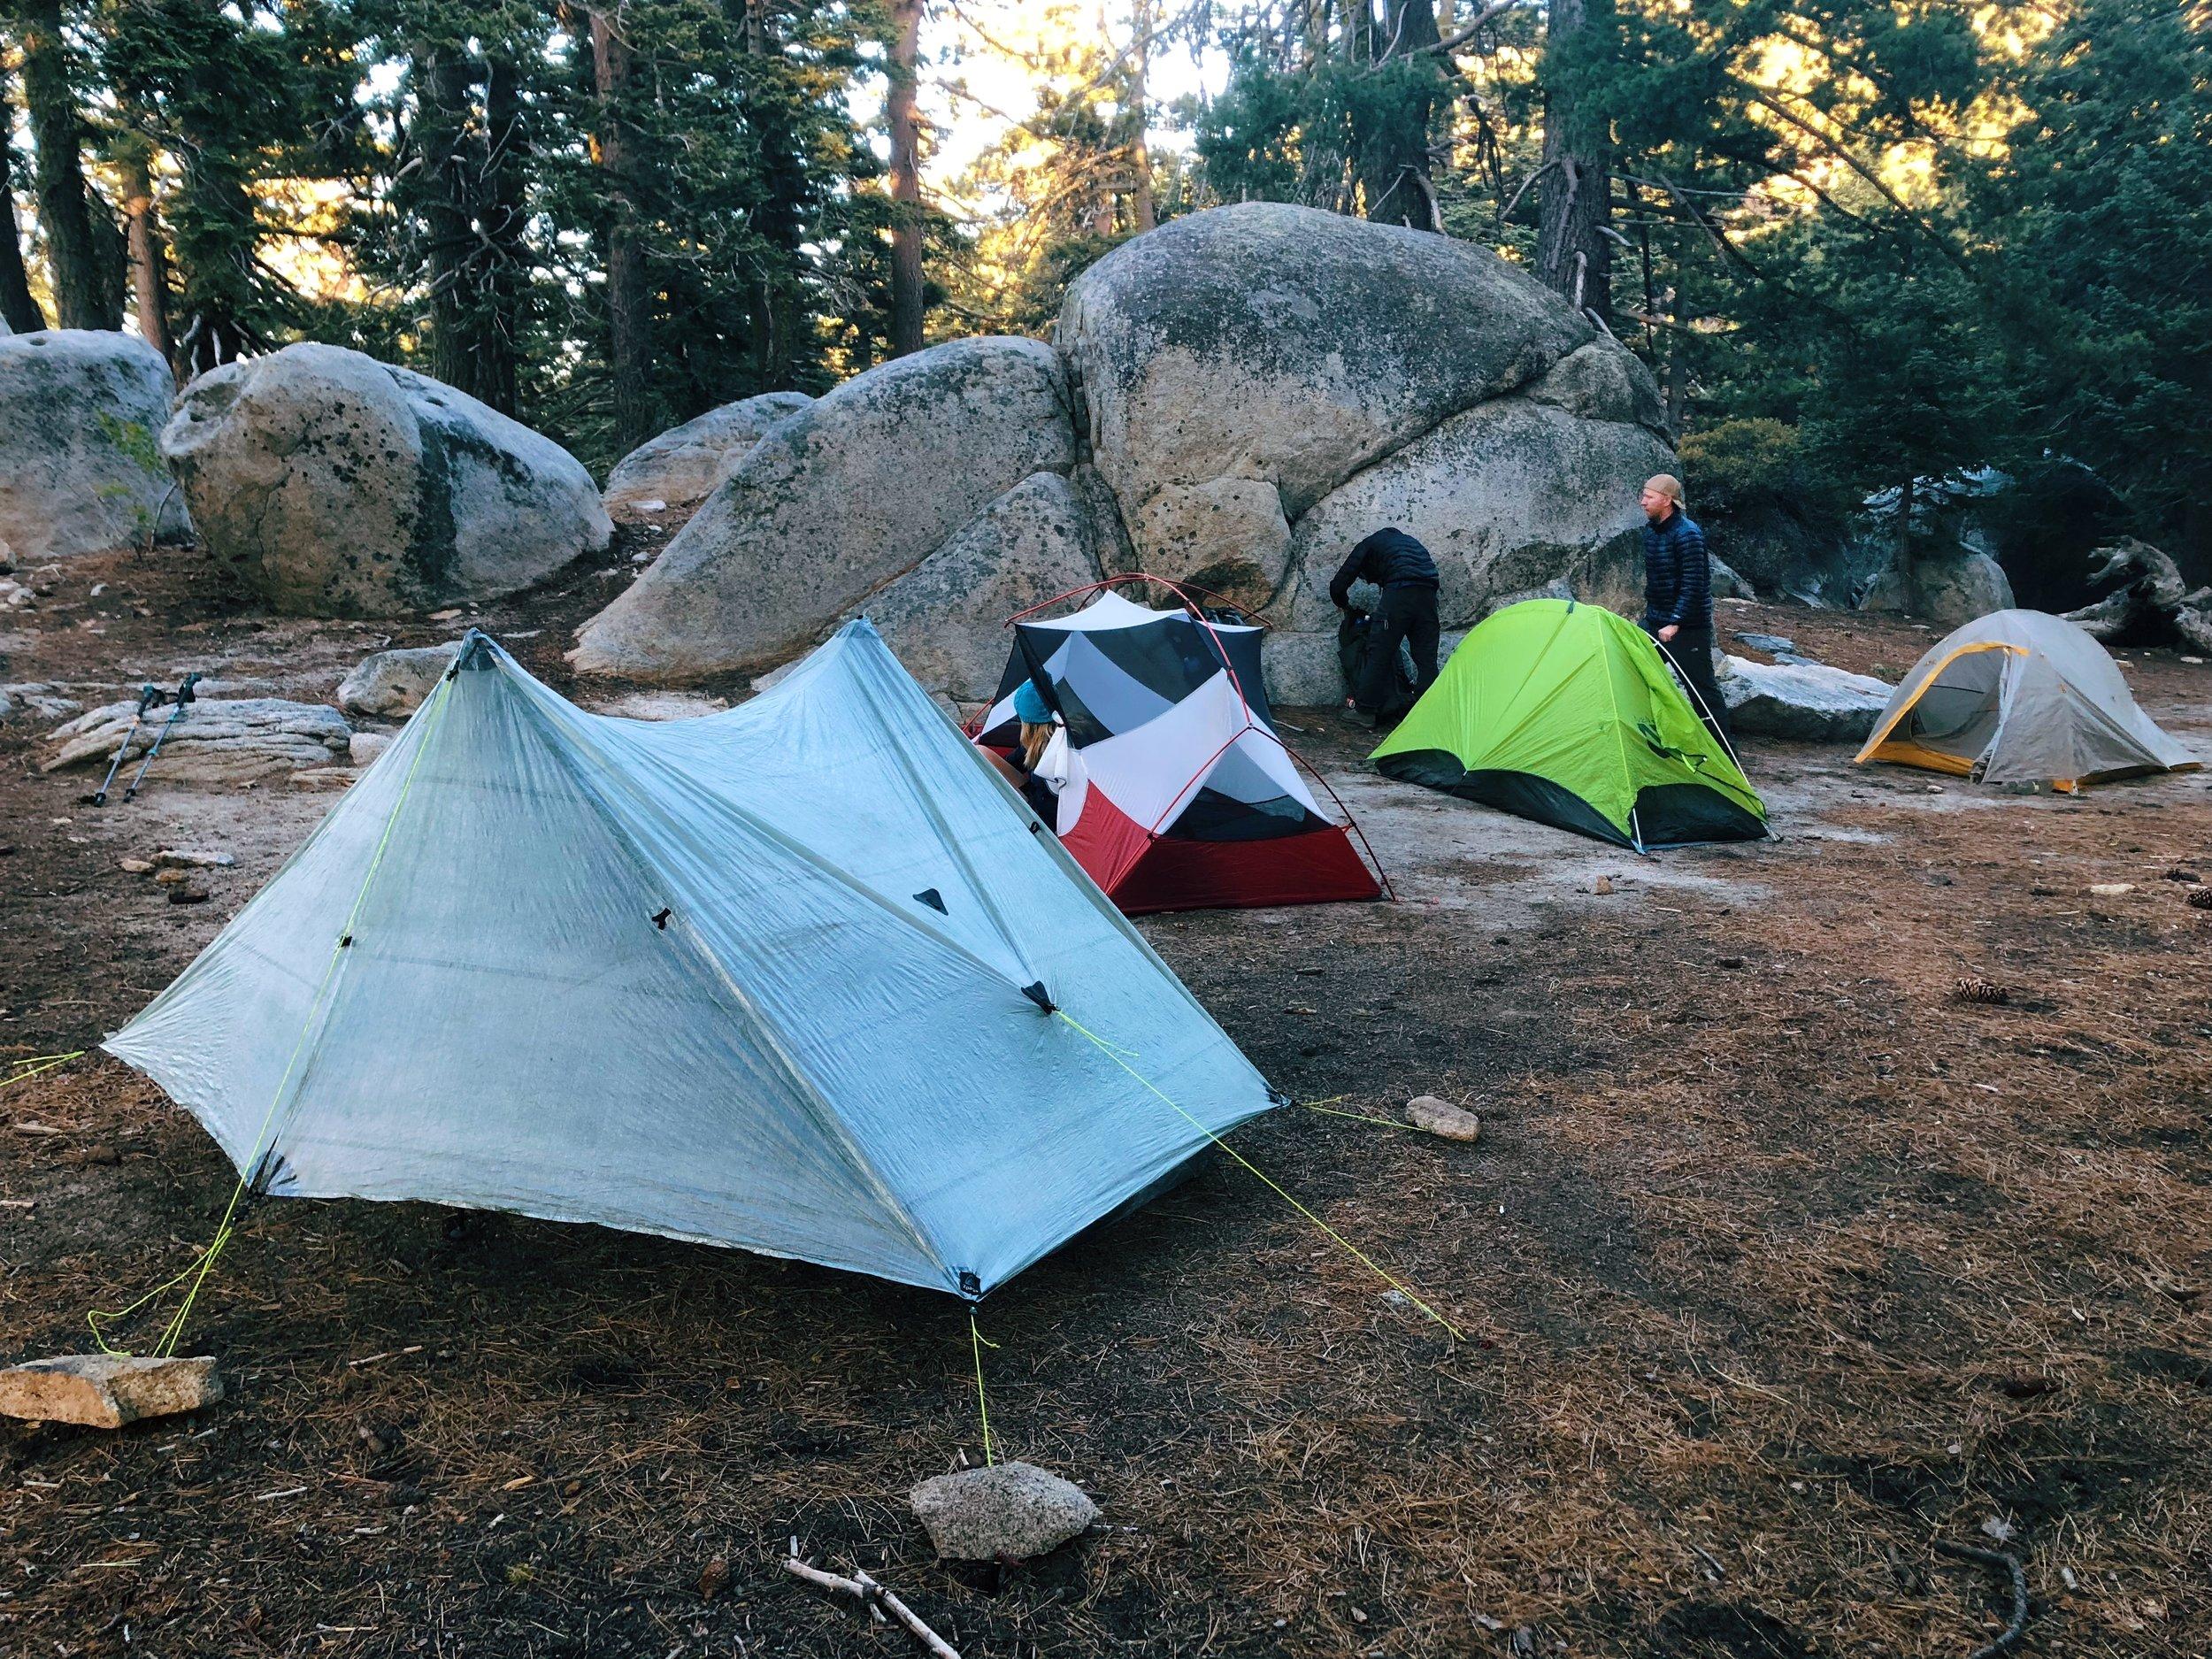 Such a pretty tent